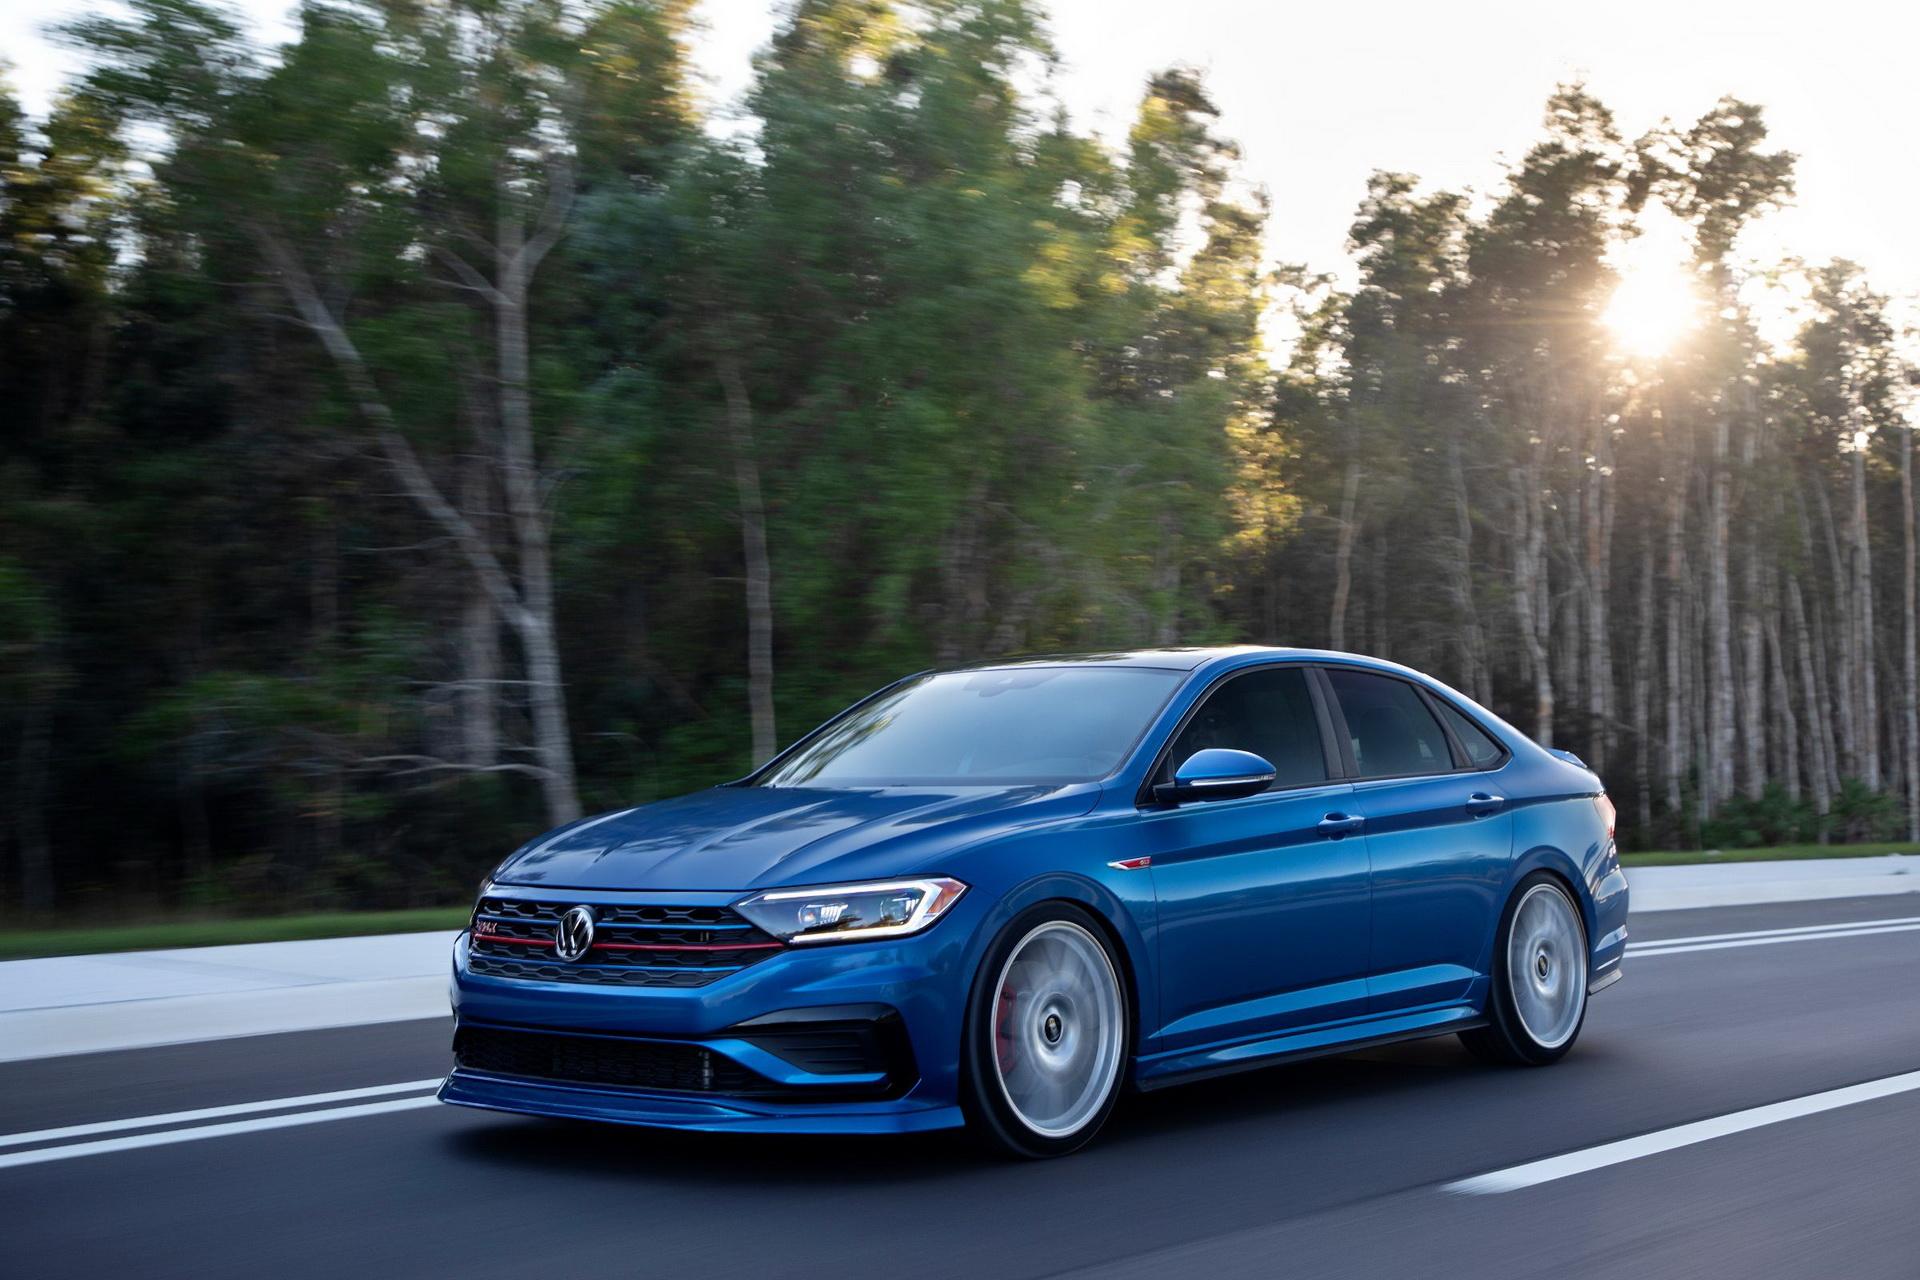 Компания Volkswagen готовит несколько концептуальных моделей. Первой стала Jetta GLI 2021 года